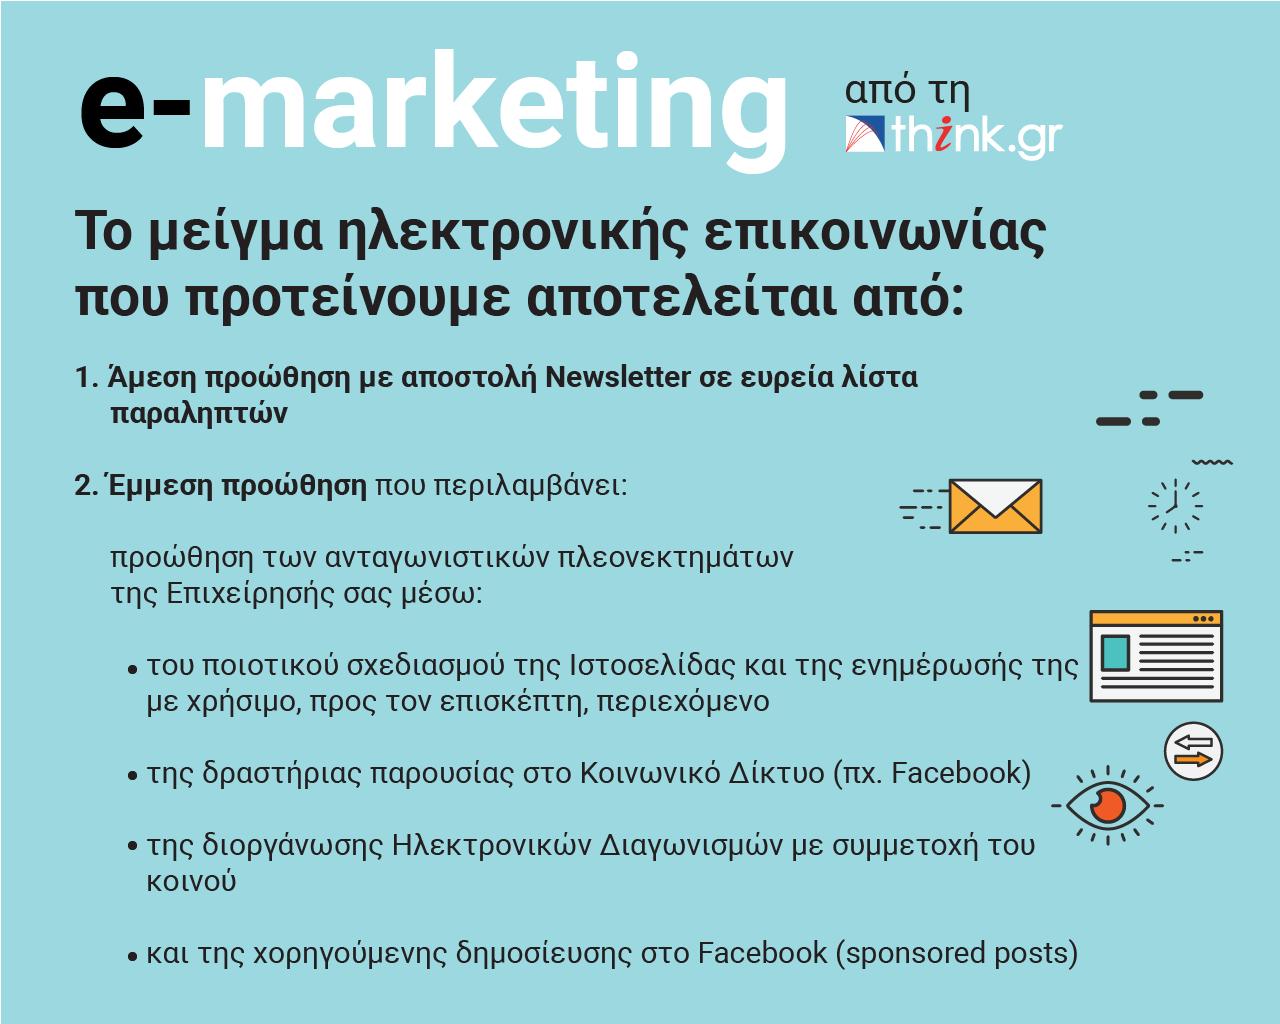 e-marketing από τη think.gr ΑΕ